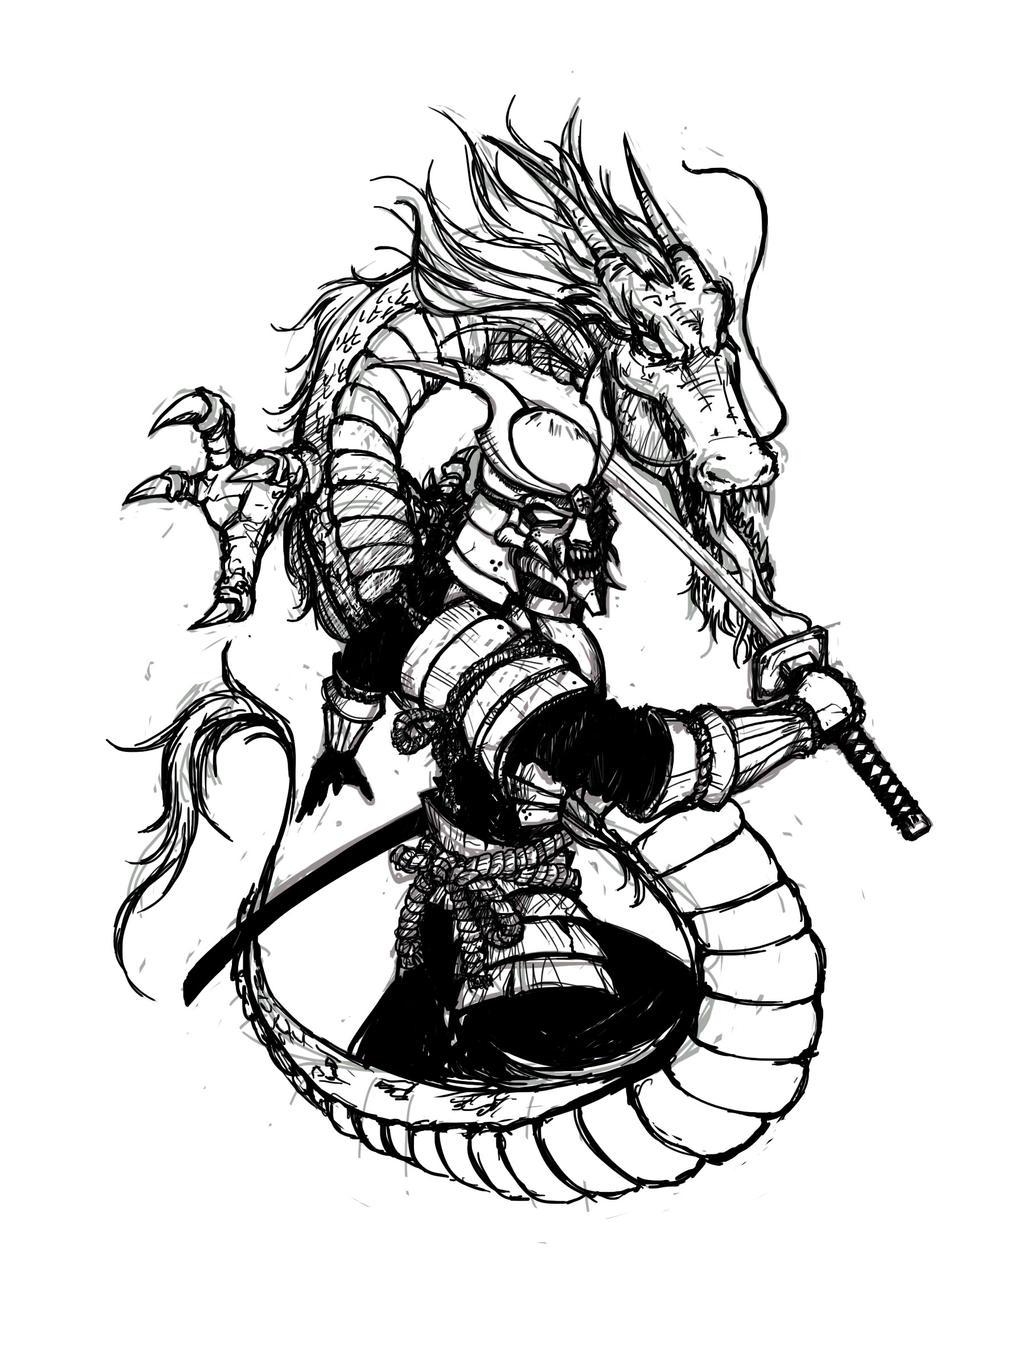 Samurai Tattoo Drawings